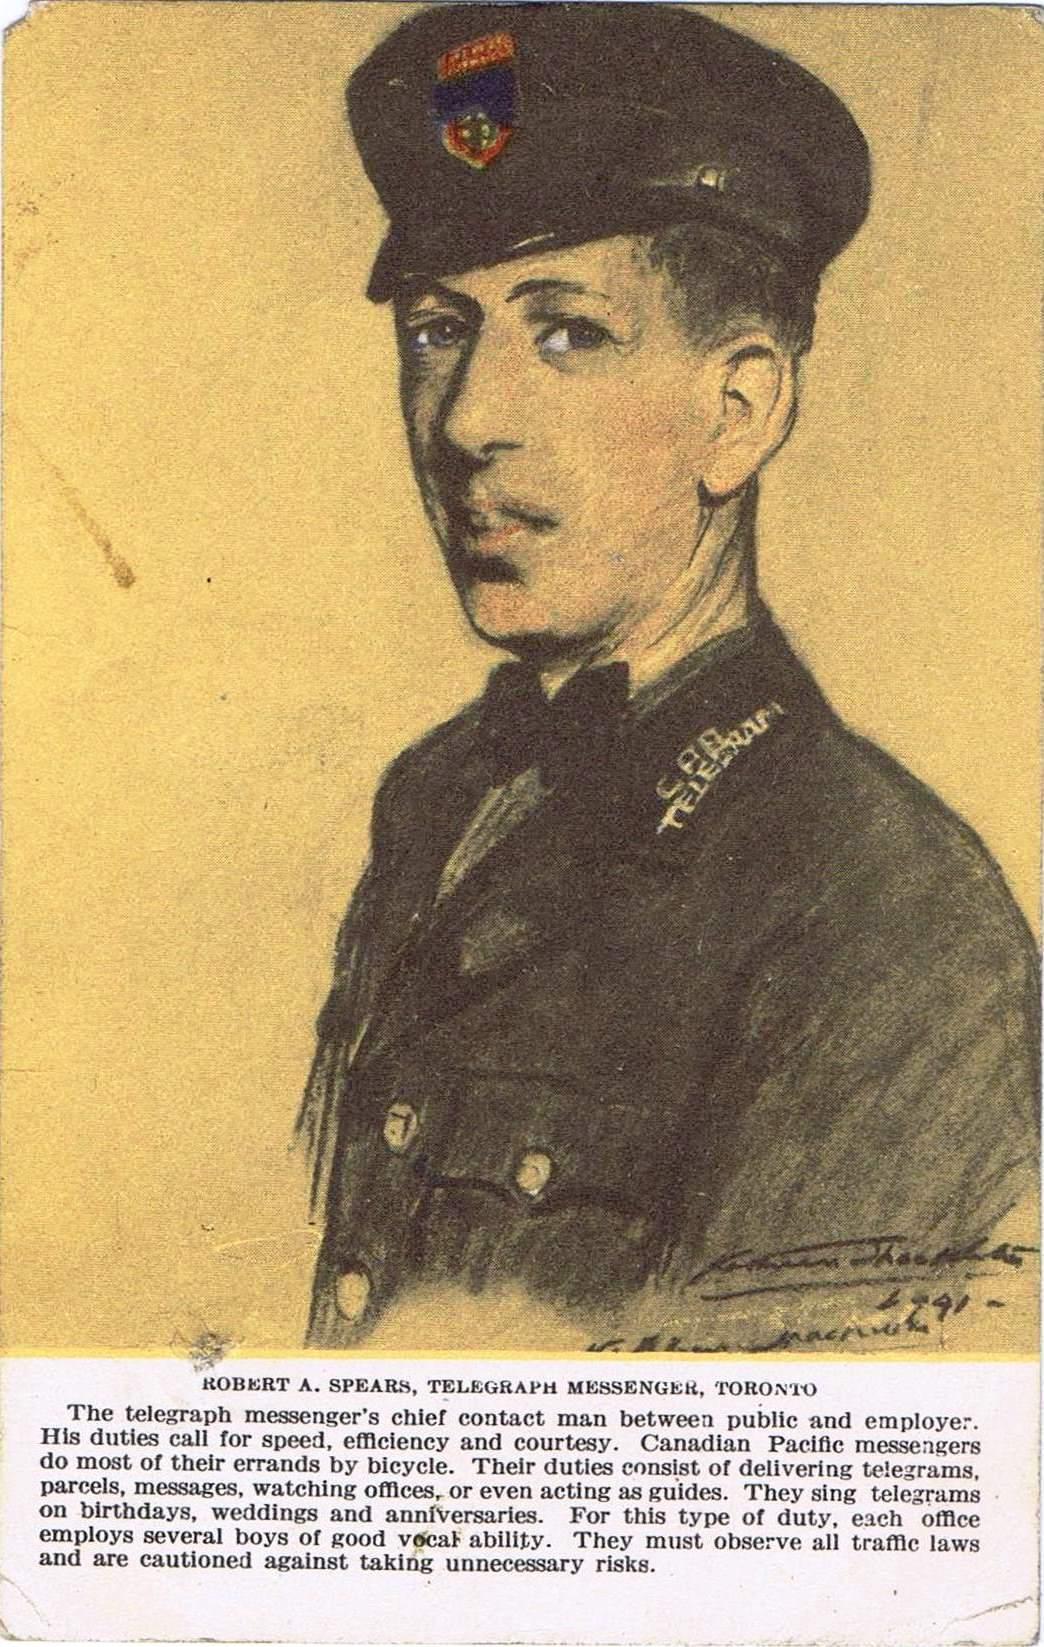 1i - Robert A. Spears,  telegraph messenger, Toronto